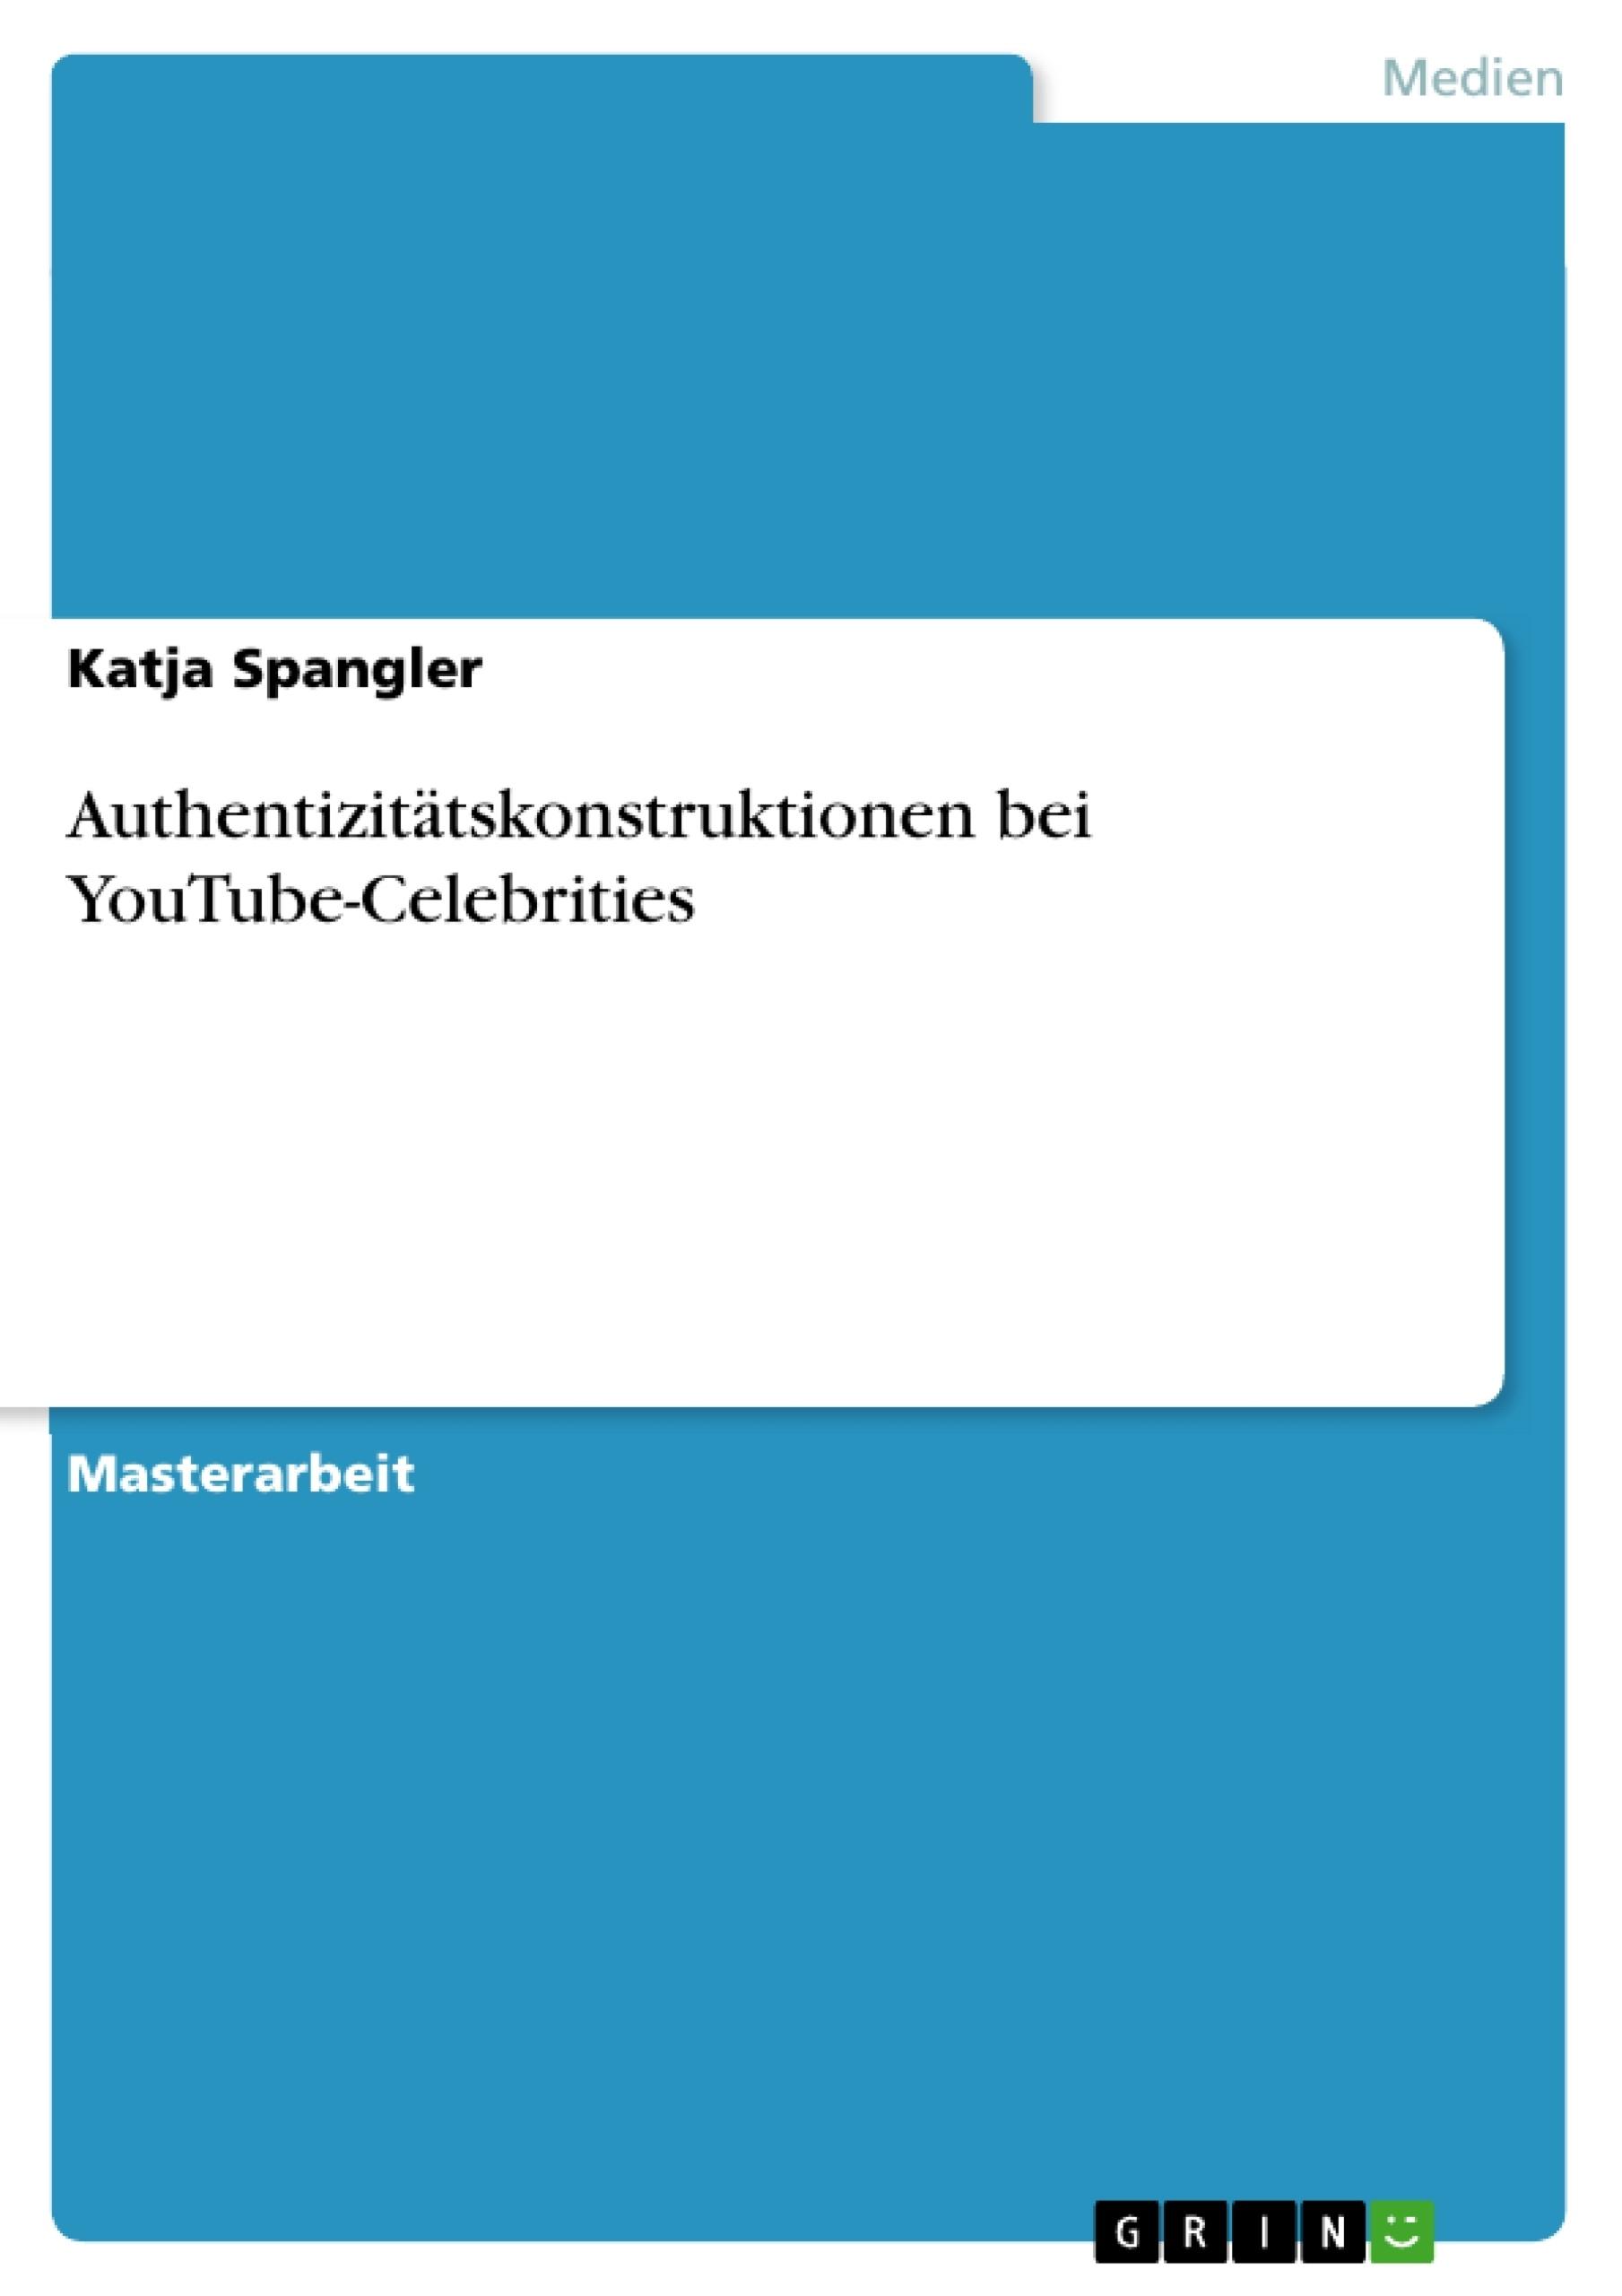 Authentizitätskonstruktionen bei YouTube-Celebrities | Masterarbeit ...